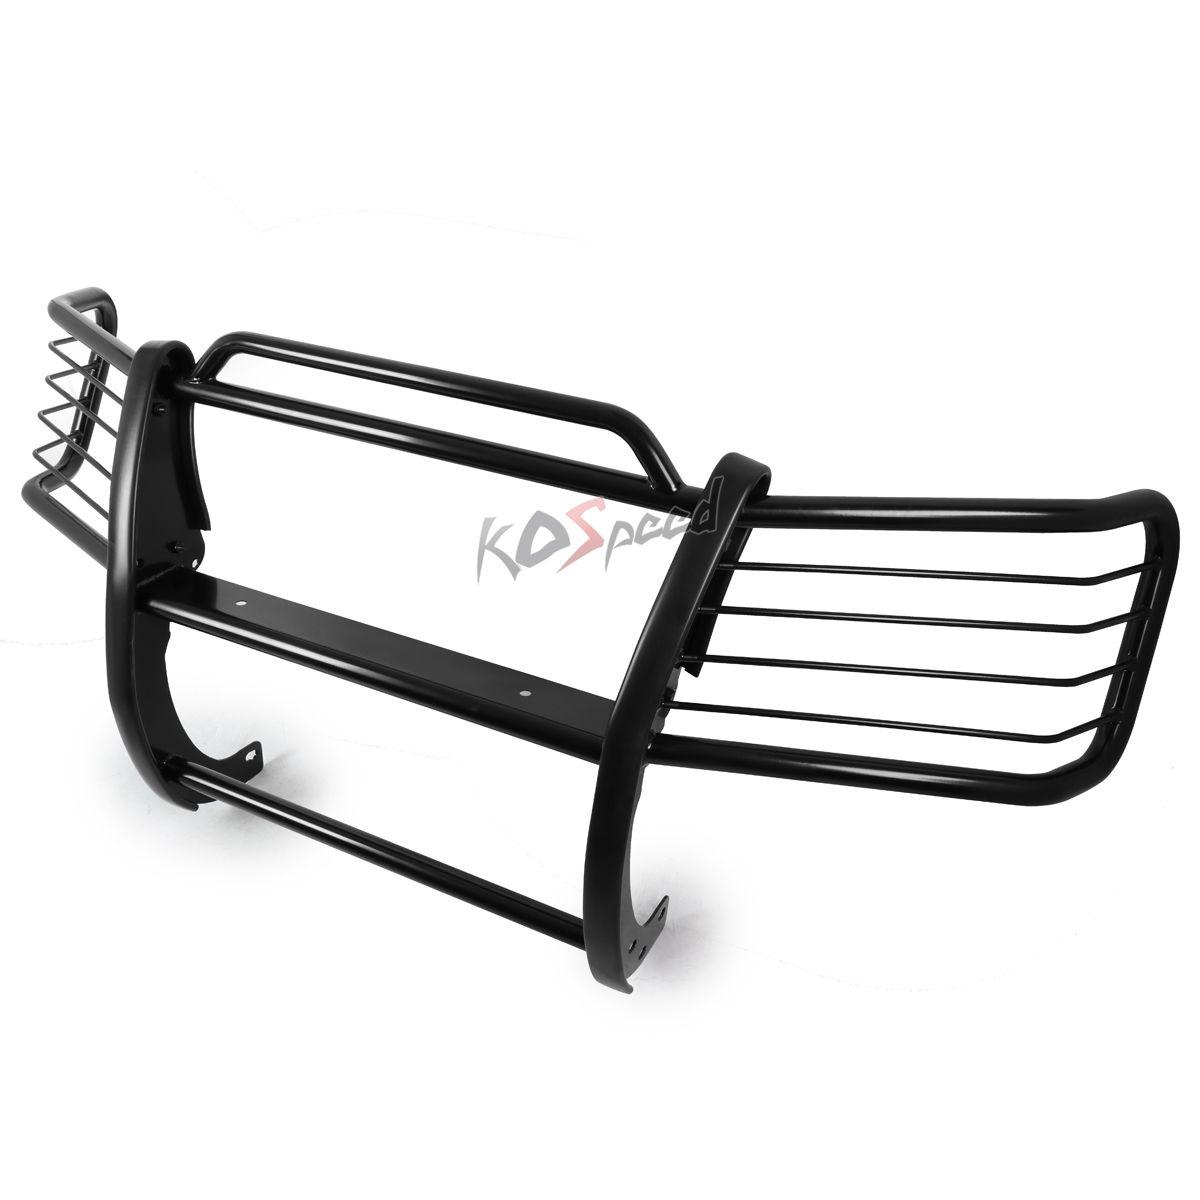 グリル 01-07トヨタハイランダーXU20用ブラックマイルドスチールブラシグリルガードフレームバー Black Mild Steel Brush Grille Guard Frame Bar for 01-07 Toyota Highlander XU20